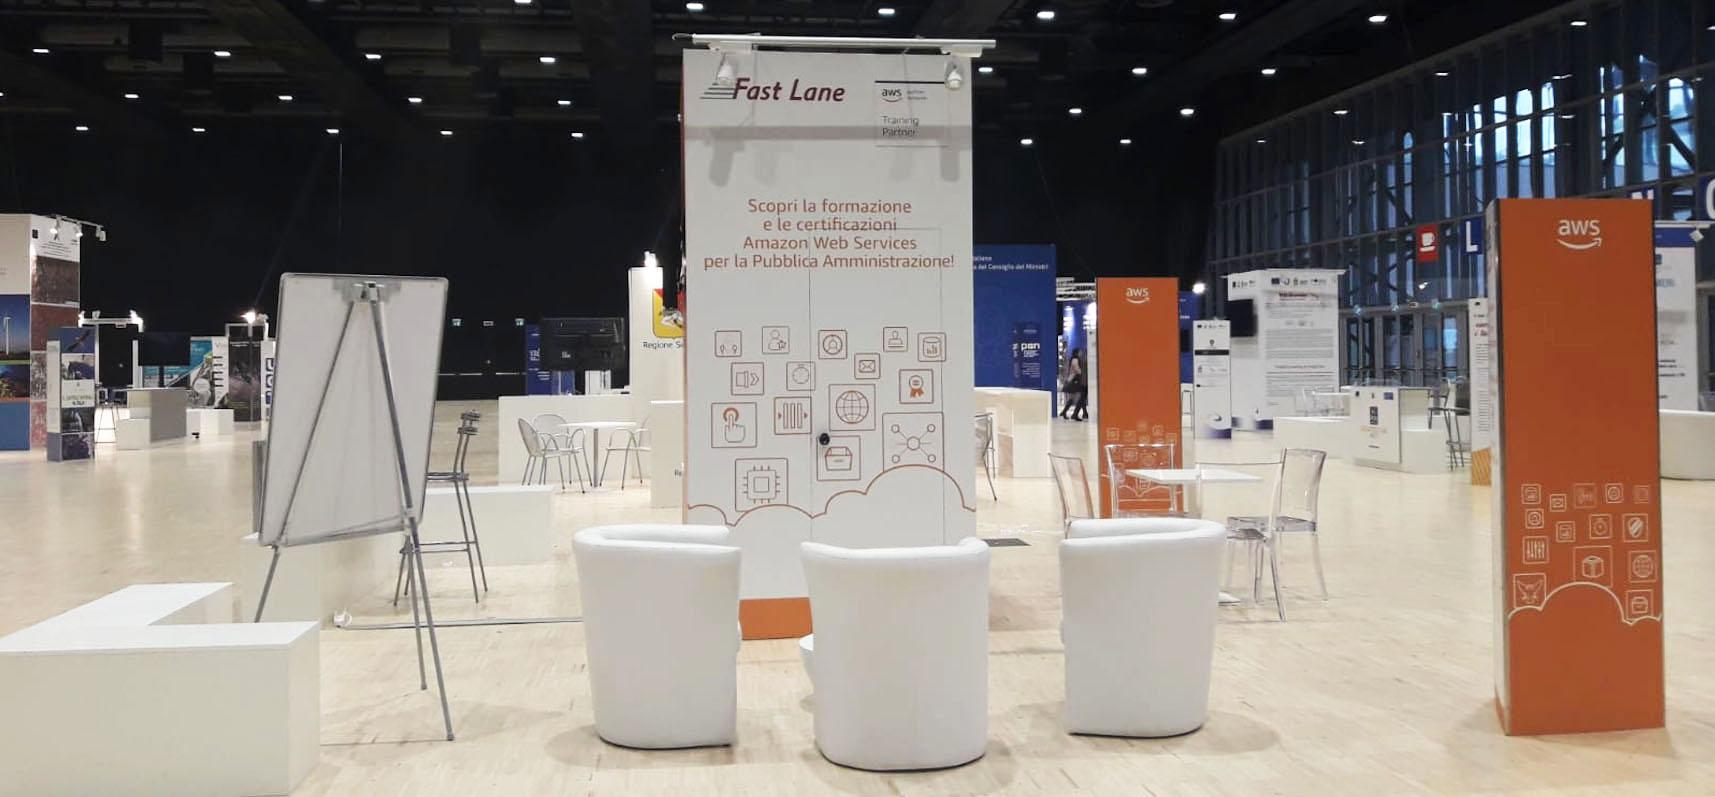 AWS è al Forum PA 2018 con ATC